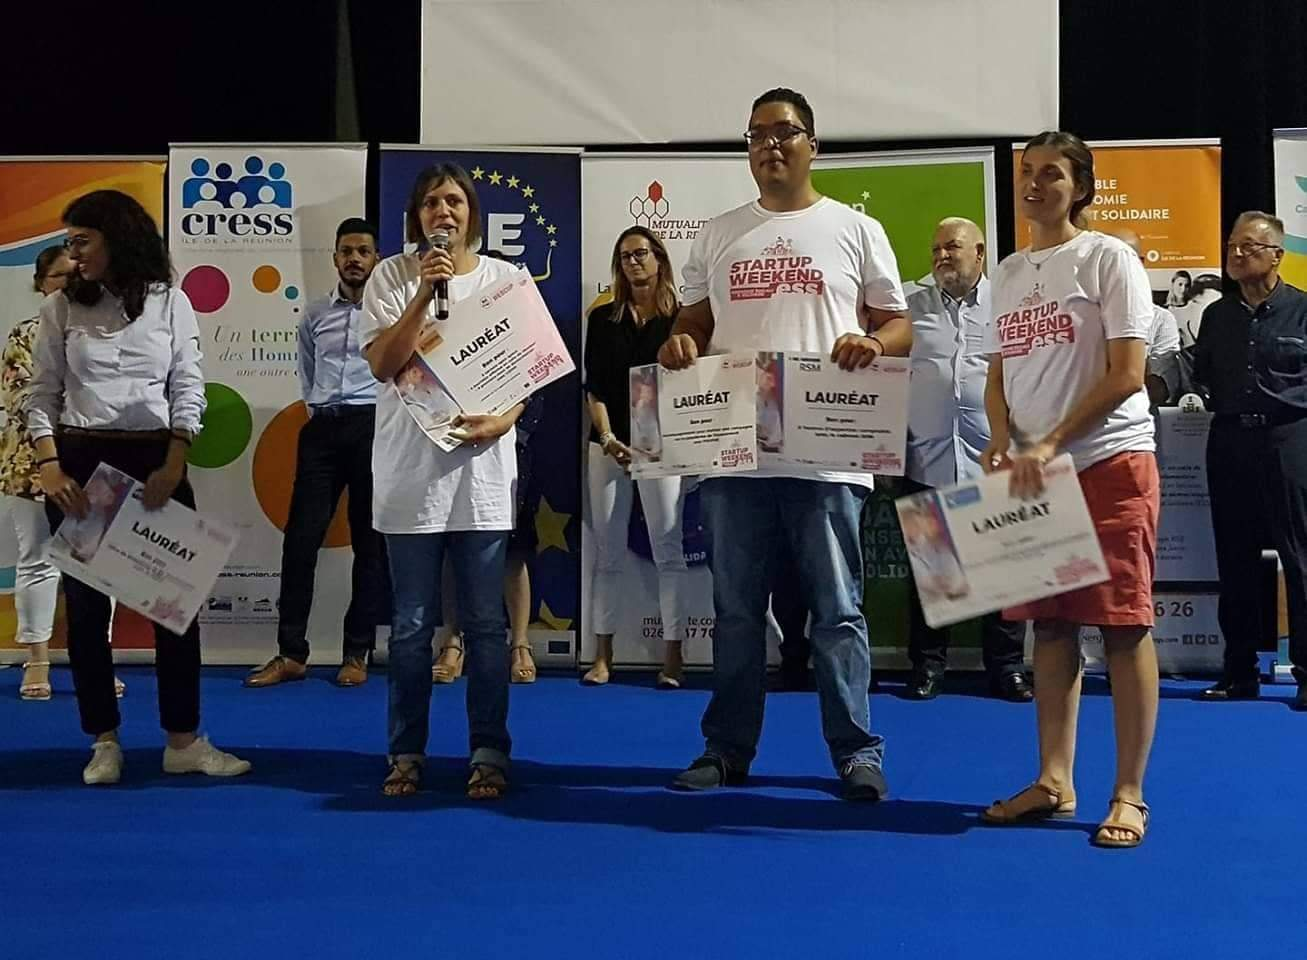 Startupweekend Économie Sociale et Solidaire: Les lauréats